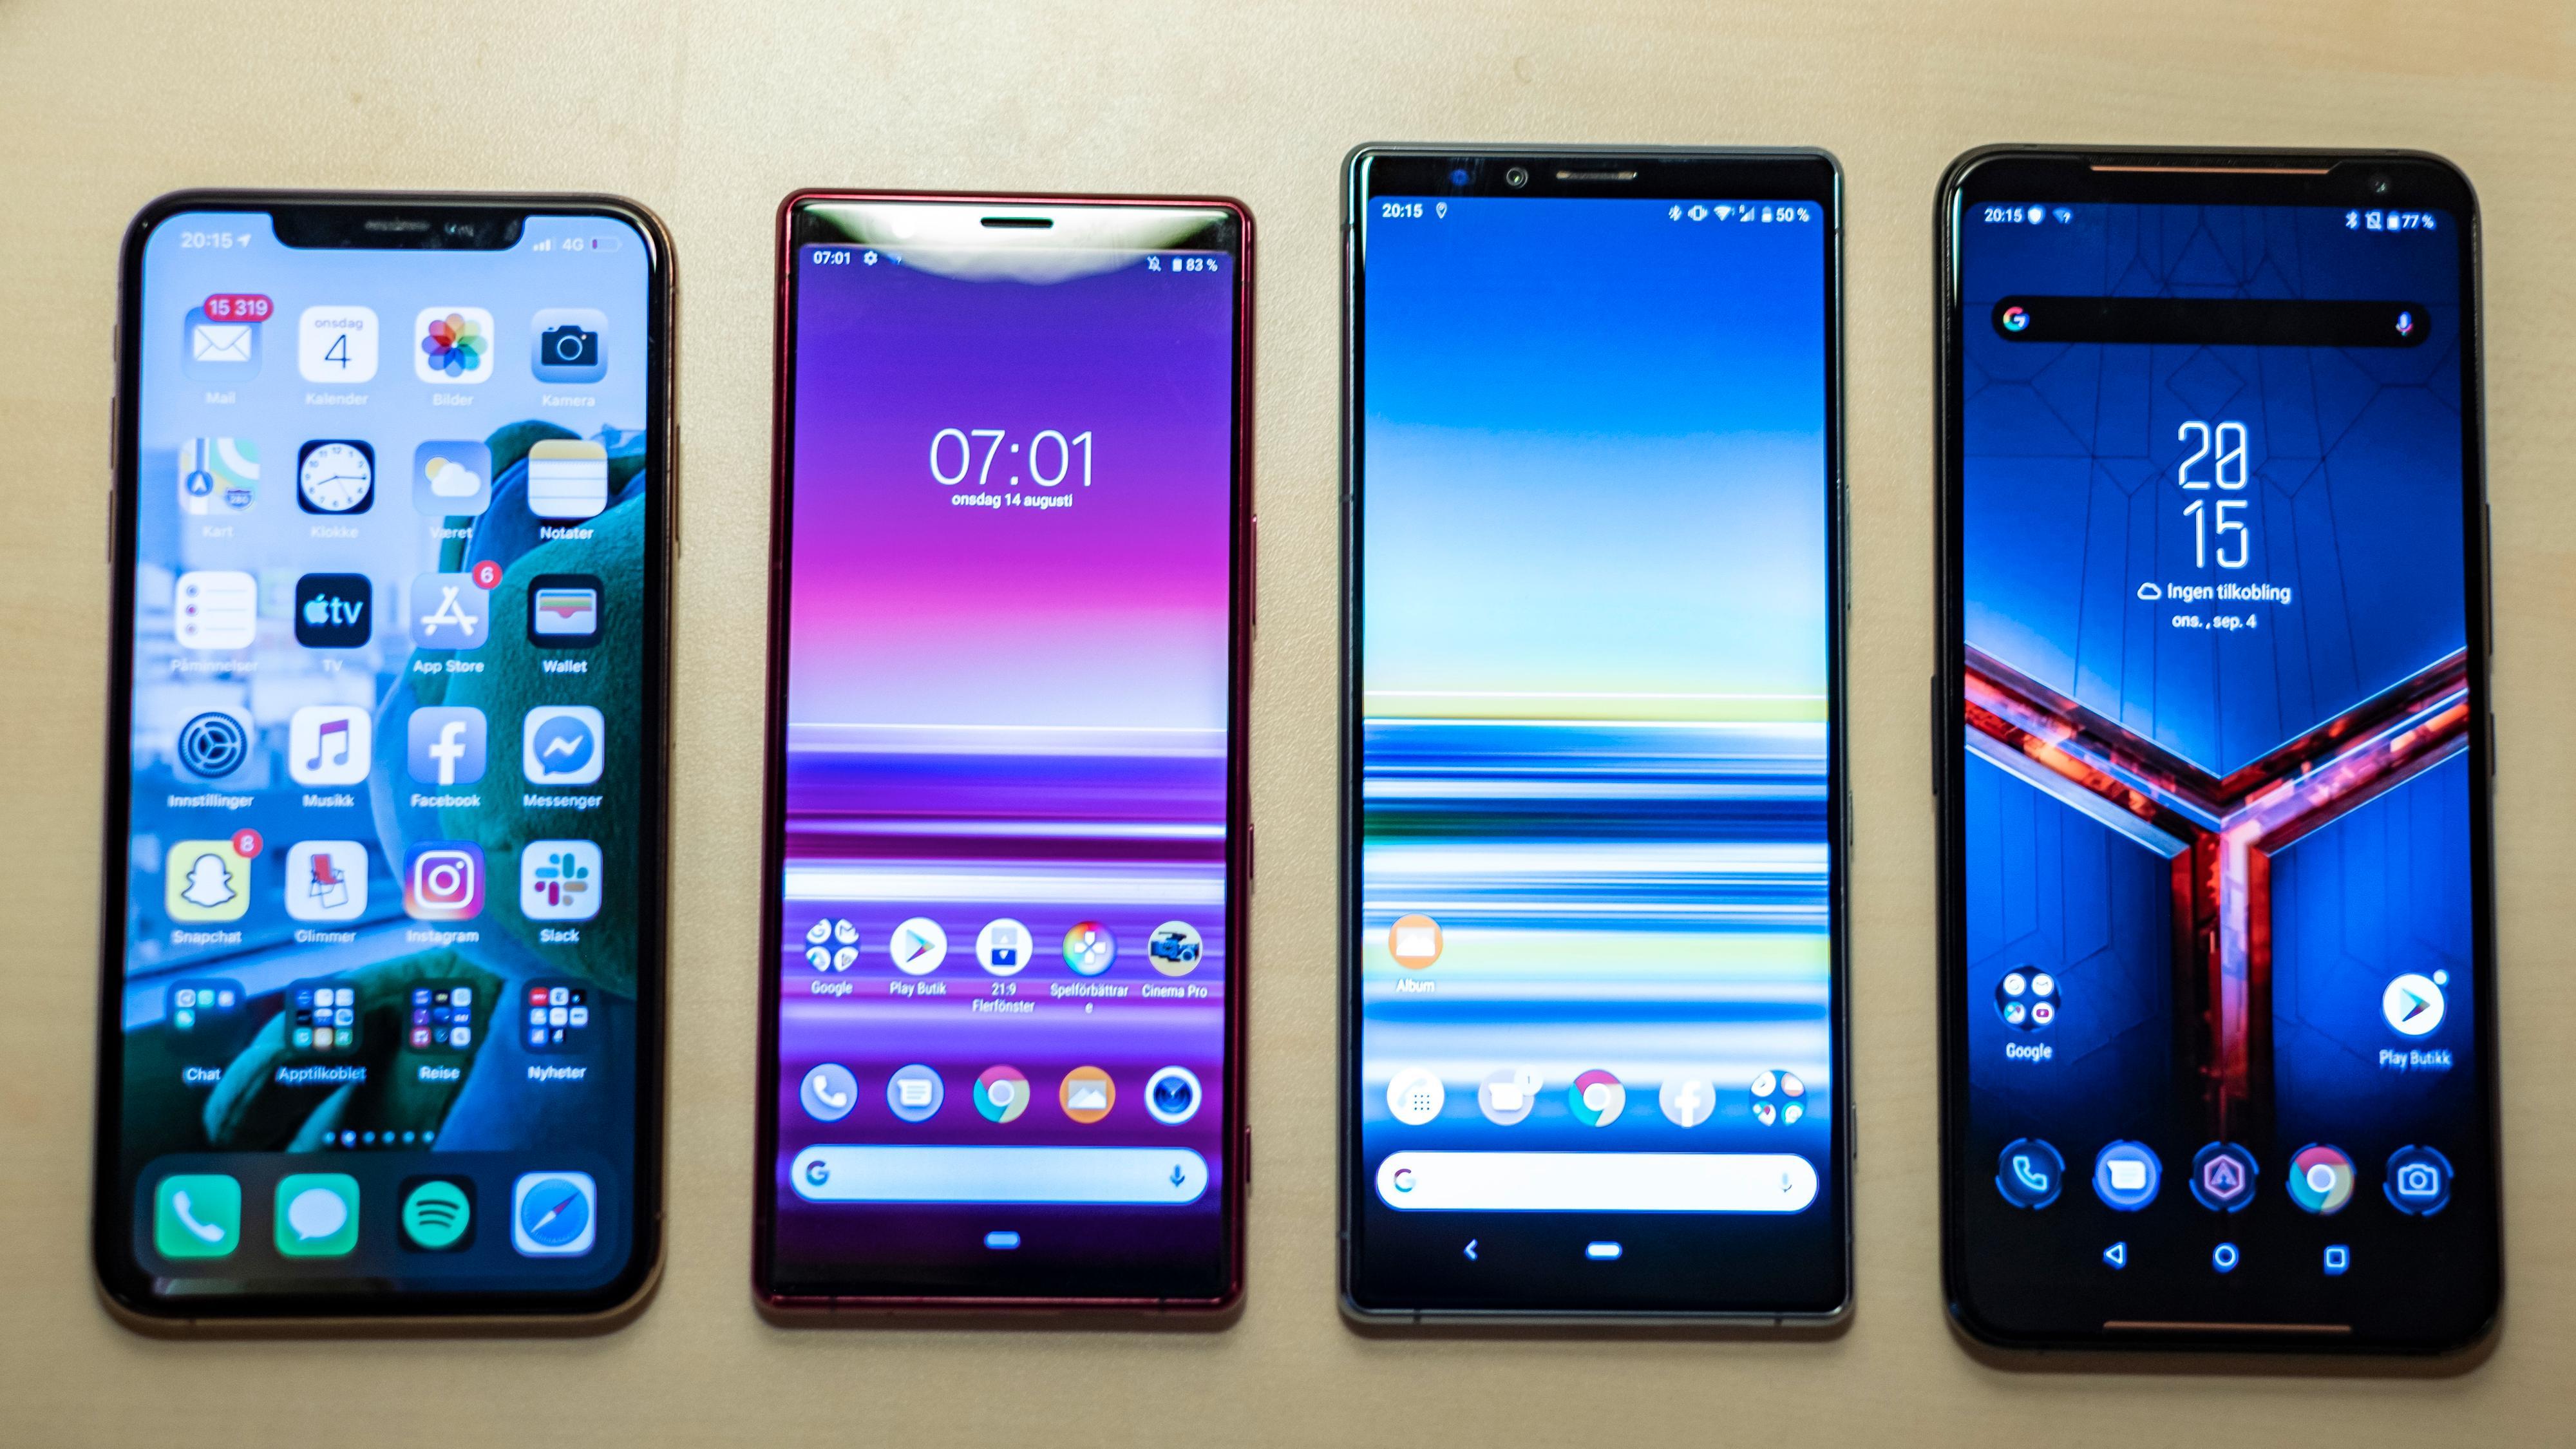 Xperia 5 byr på stor skjerm i en liten telefon. Fra venstre: Apple iPhone Xs Max, Sony Xperia 5, Sony Xperia 1 og Asus ROG Phone 2.